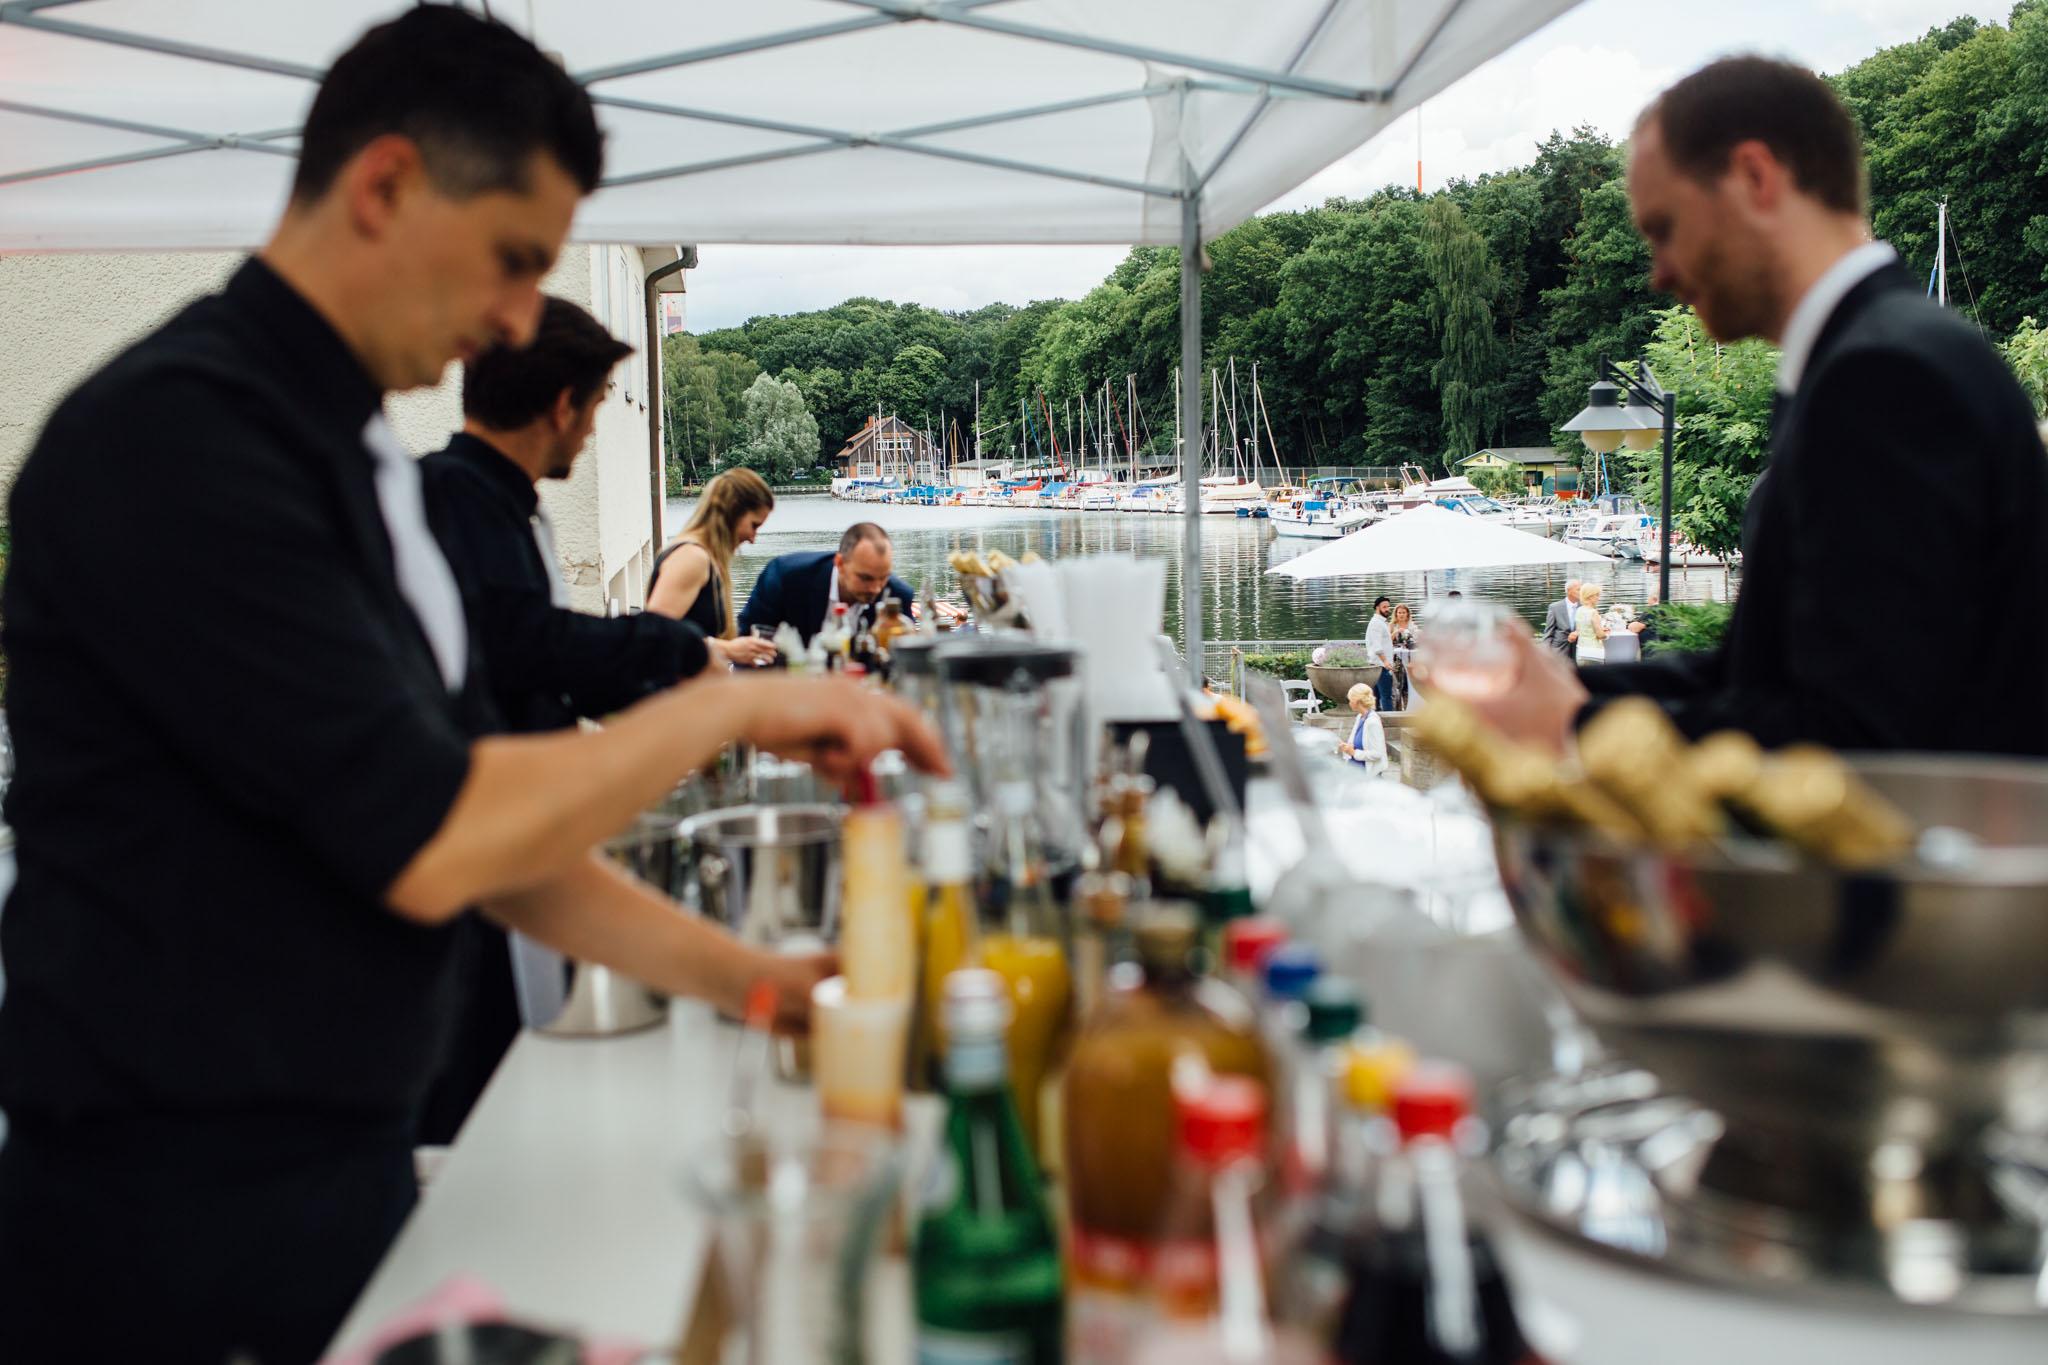 hochzeitsreportage-berlin-yachthafen-ruderclub-bar